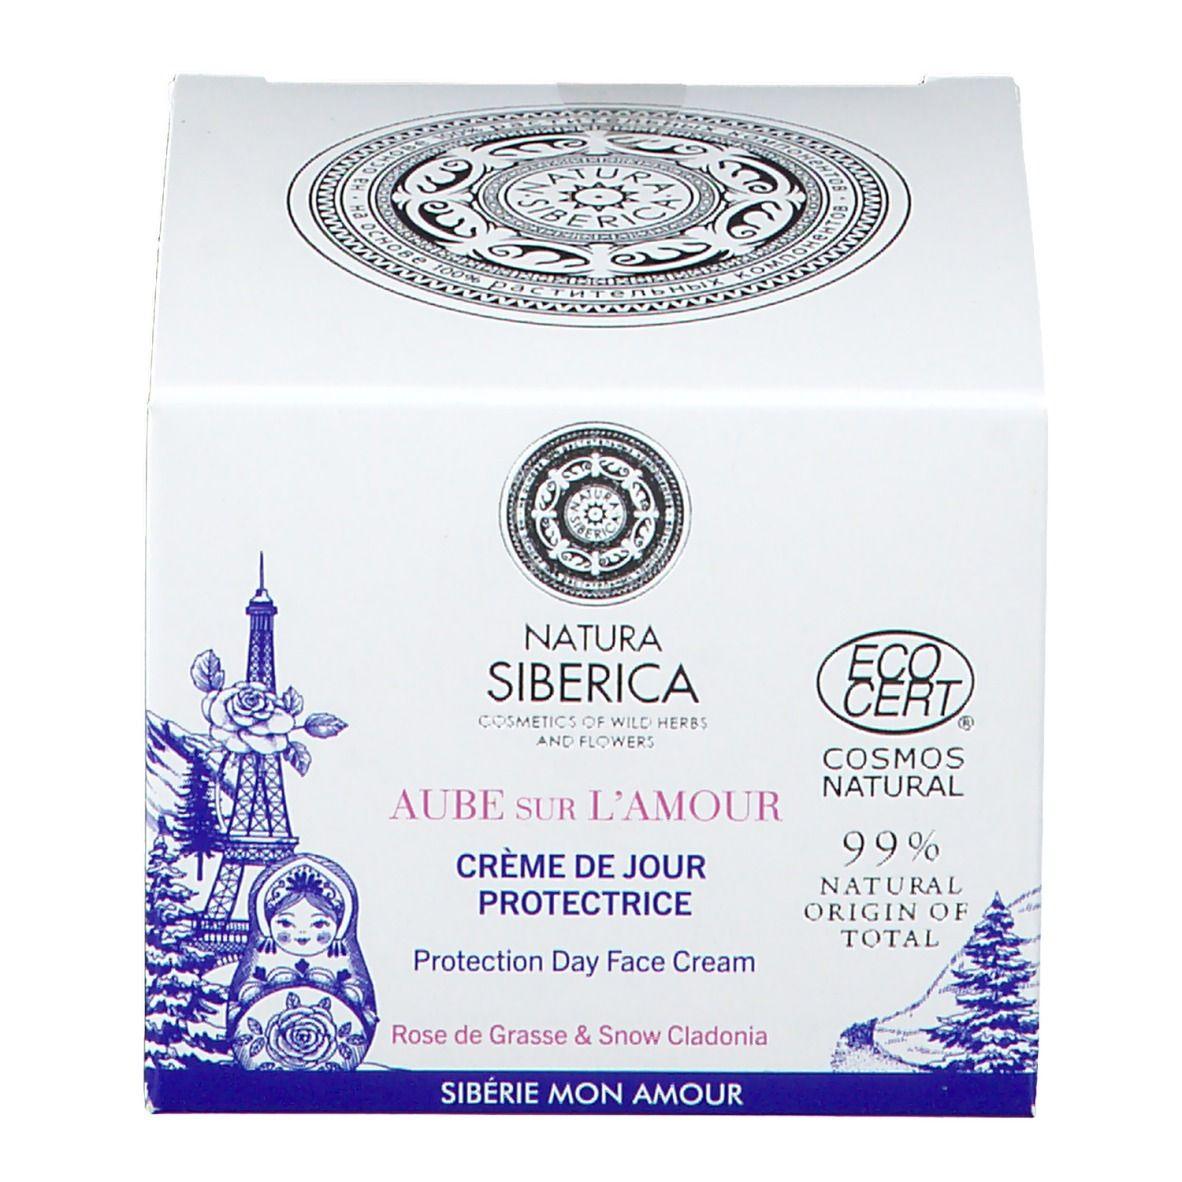 NATURA SIBERICA Aube Sur L'amour Crème De Jour Protectrice